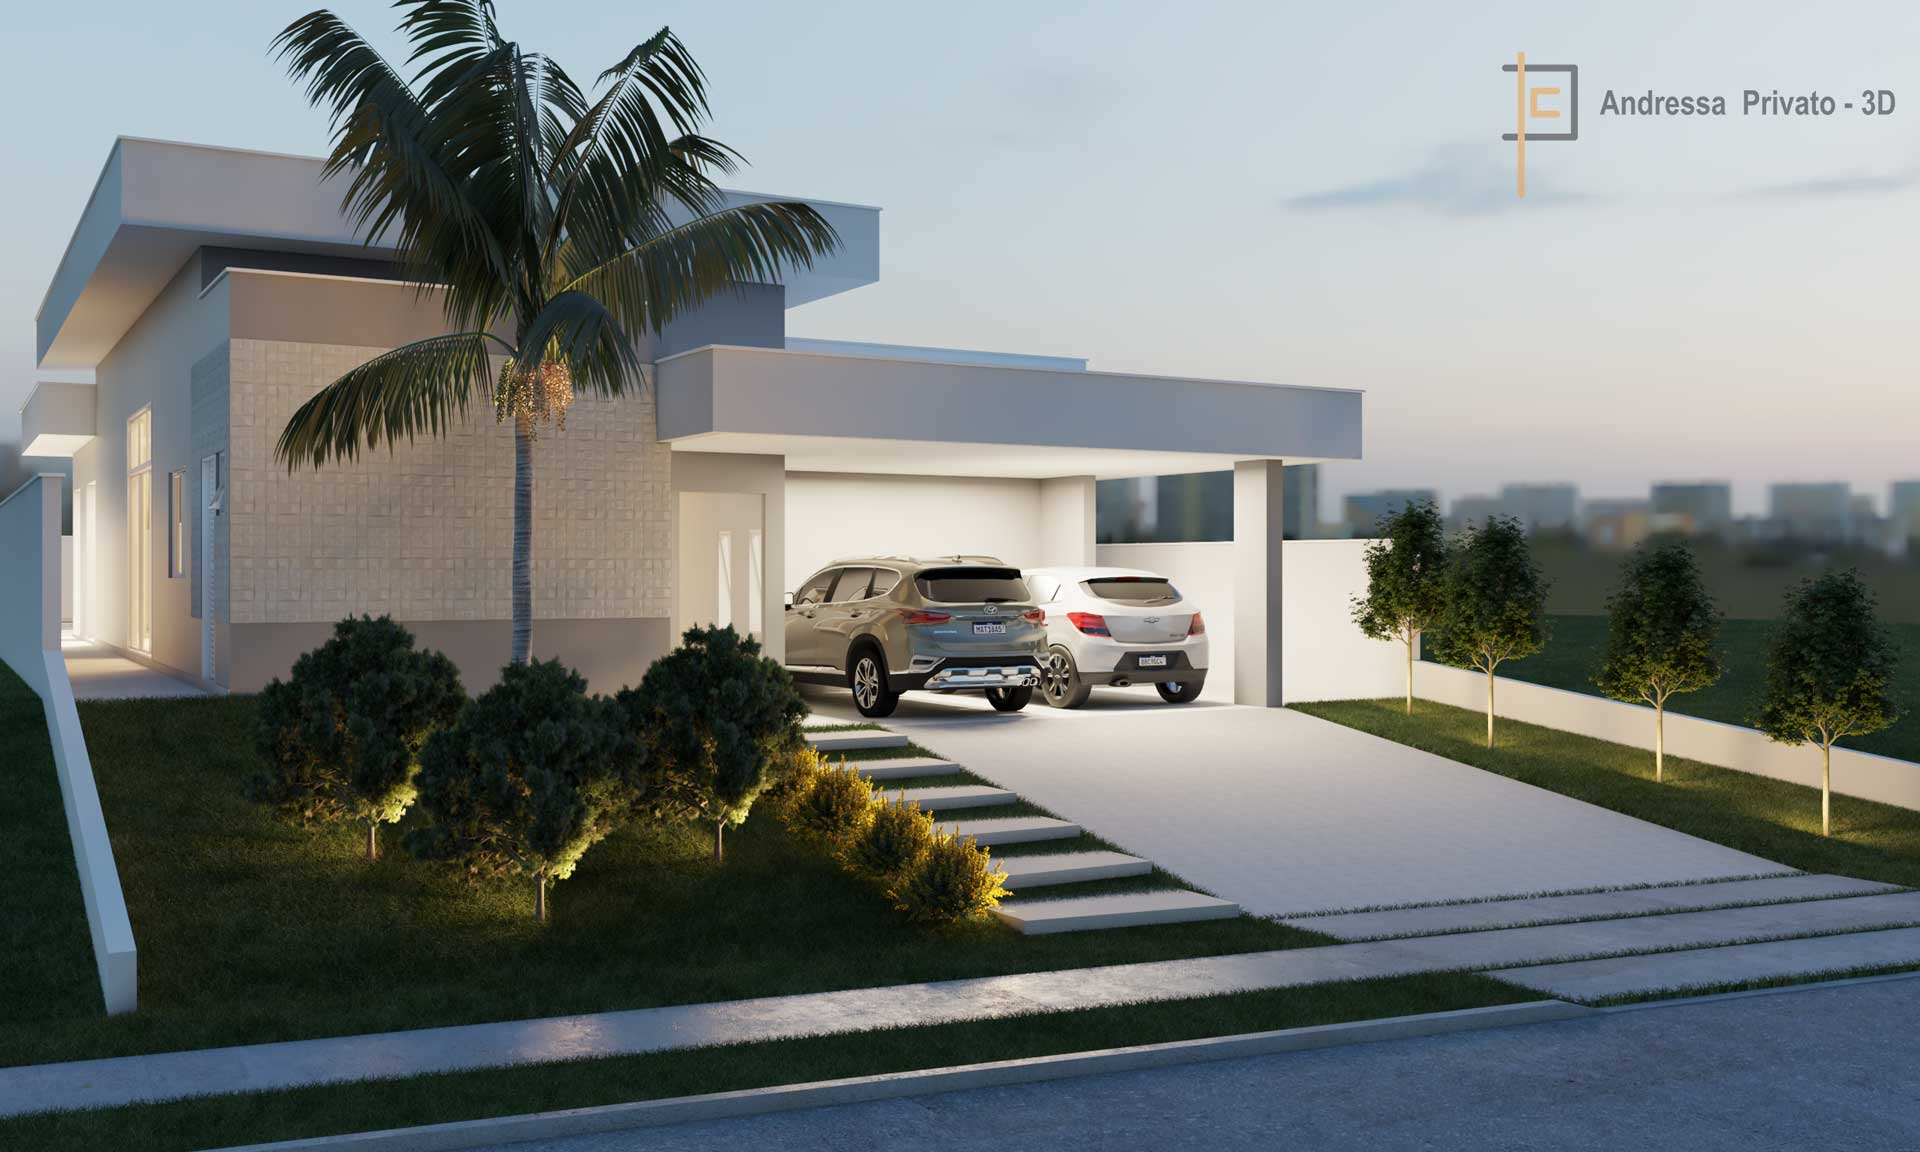 frente de casa em modelagem 3d